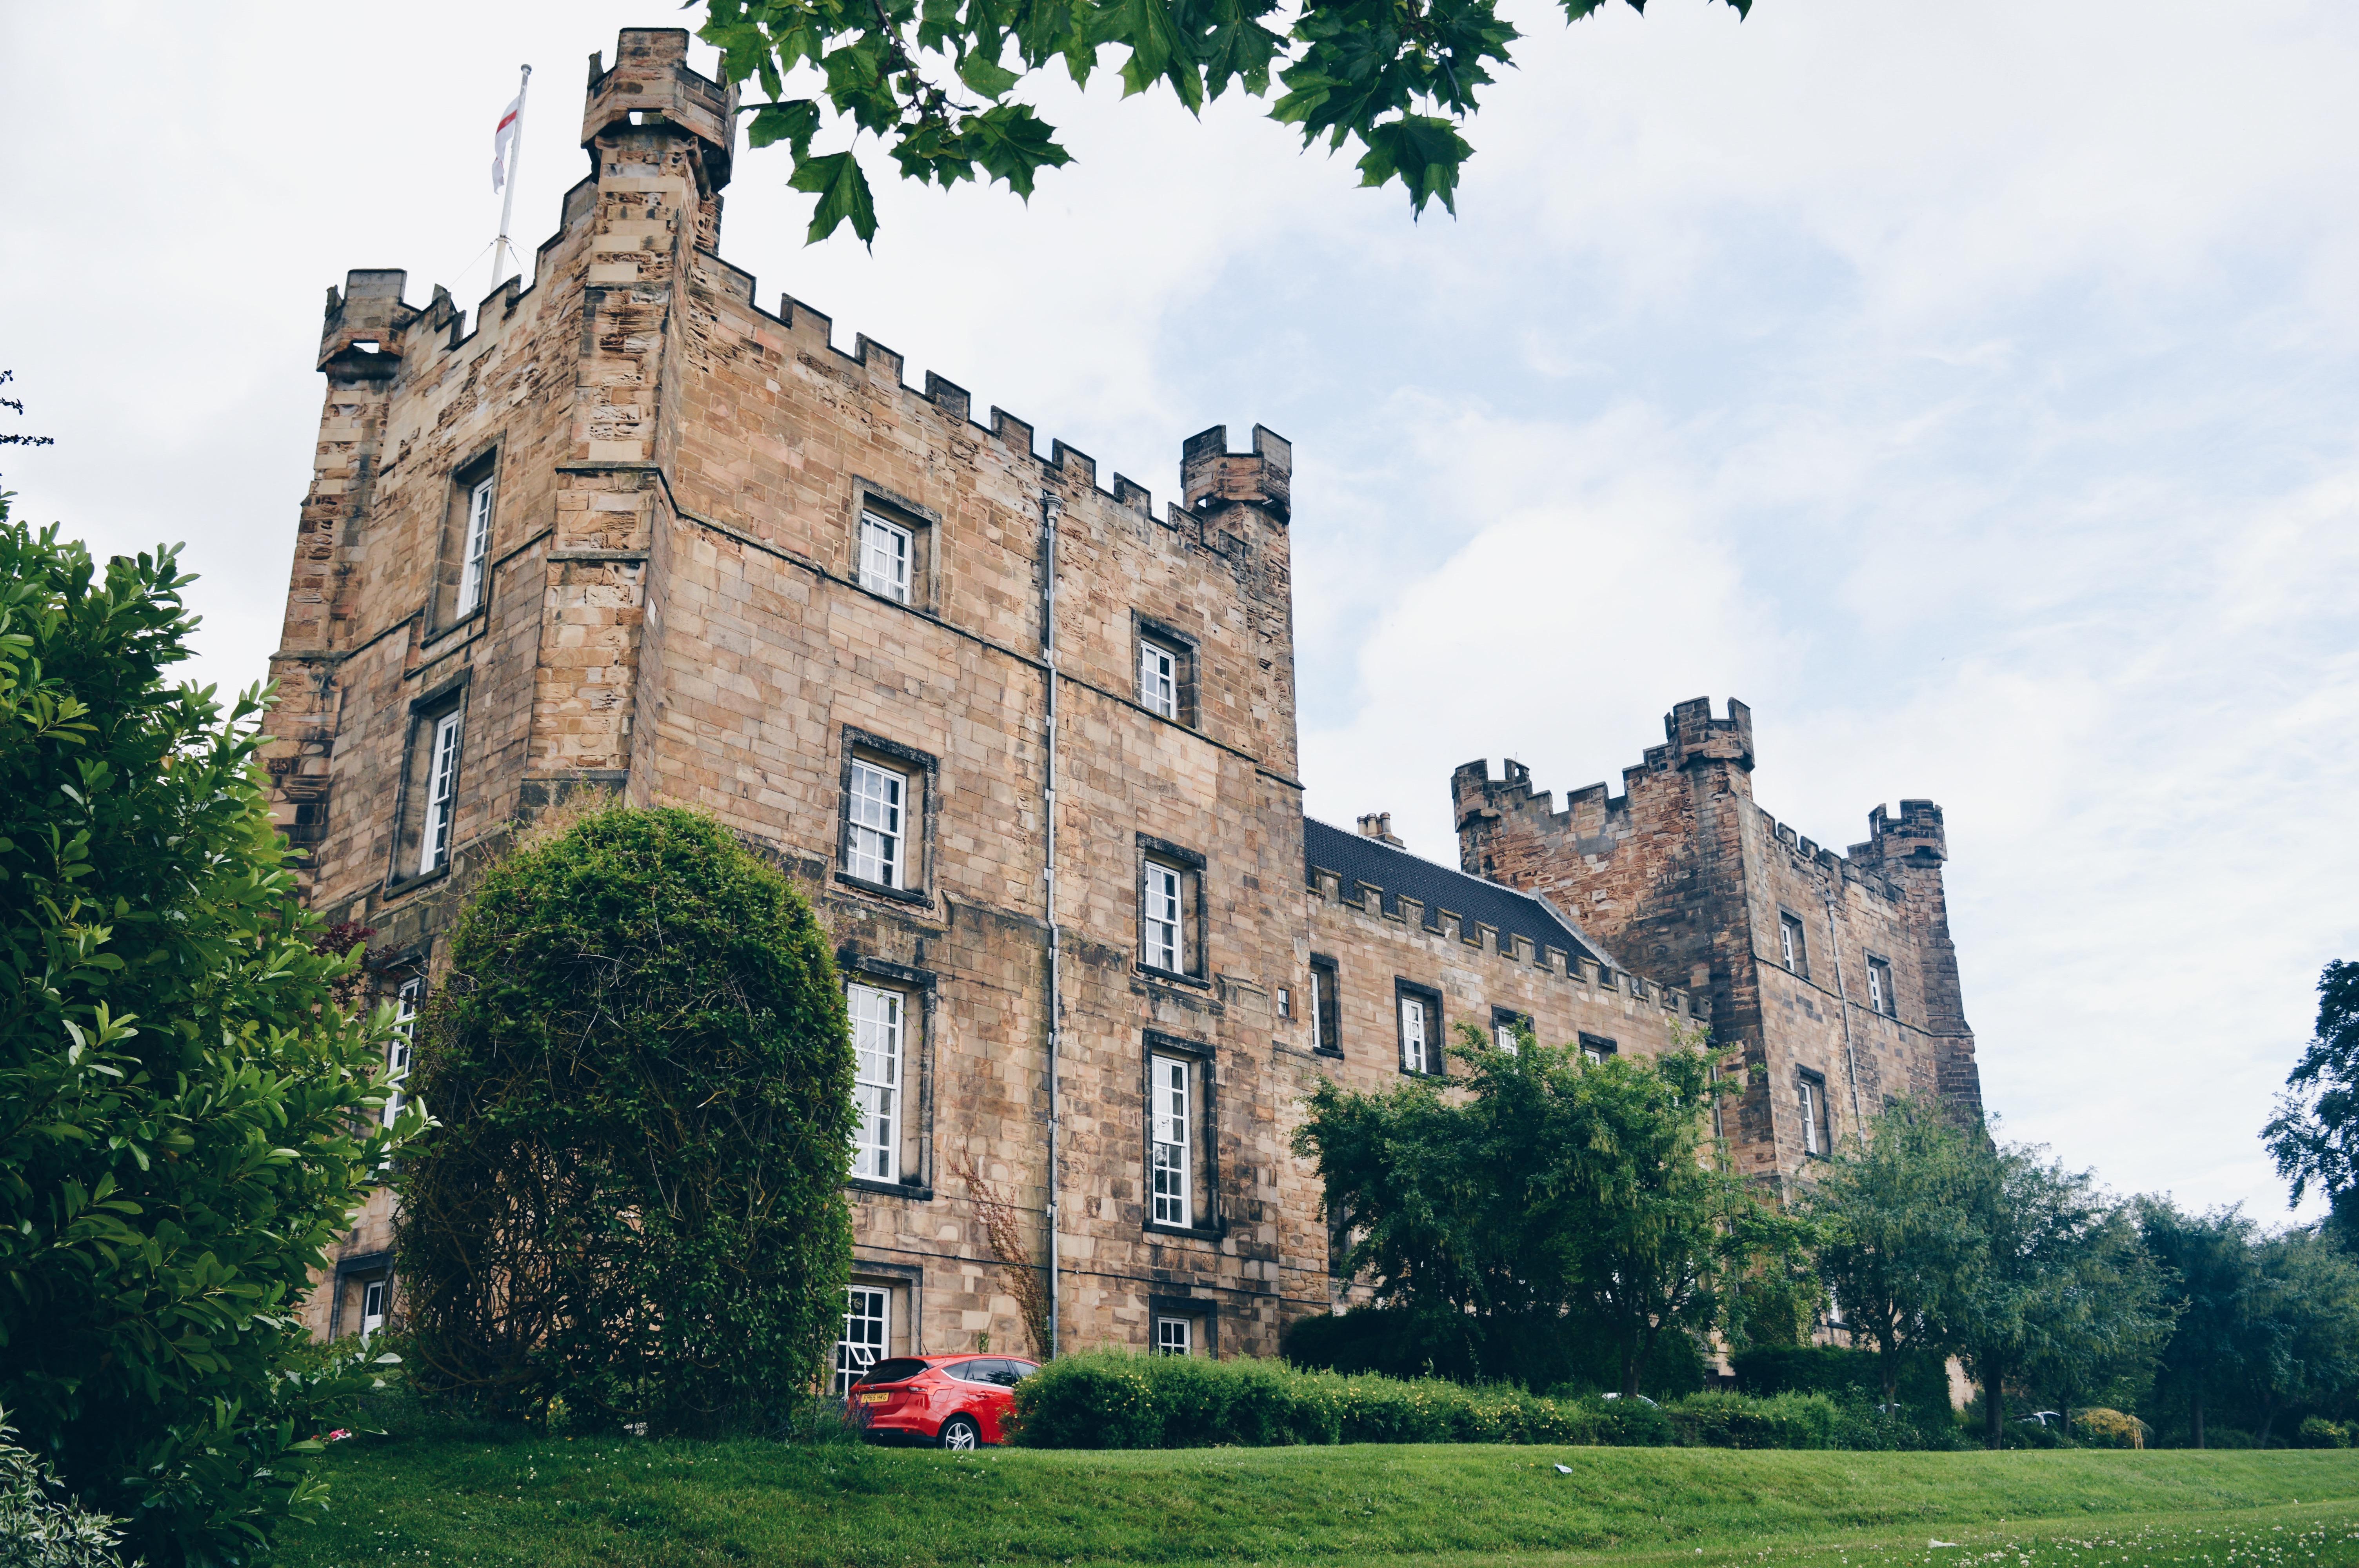 Lumley-Castle-Chester-Le-Street-Durham-Afternoon-Tea-NOVELTEA-Pink-Macaroon-Elle-Blonde-Luxury-Lifestyle-Destination-Blog